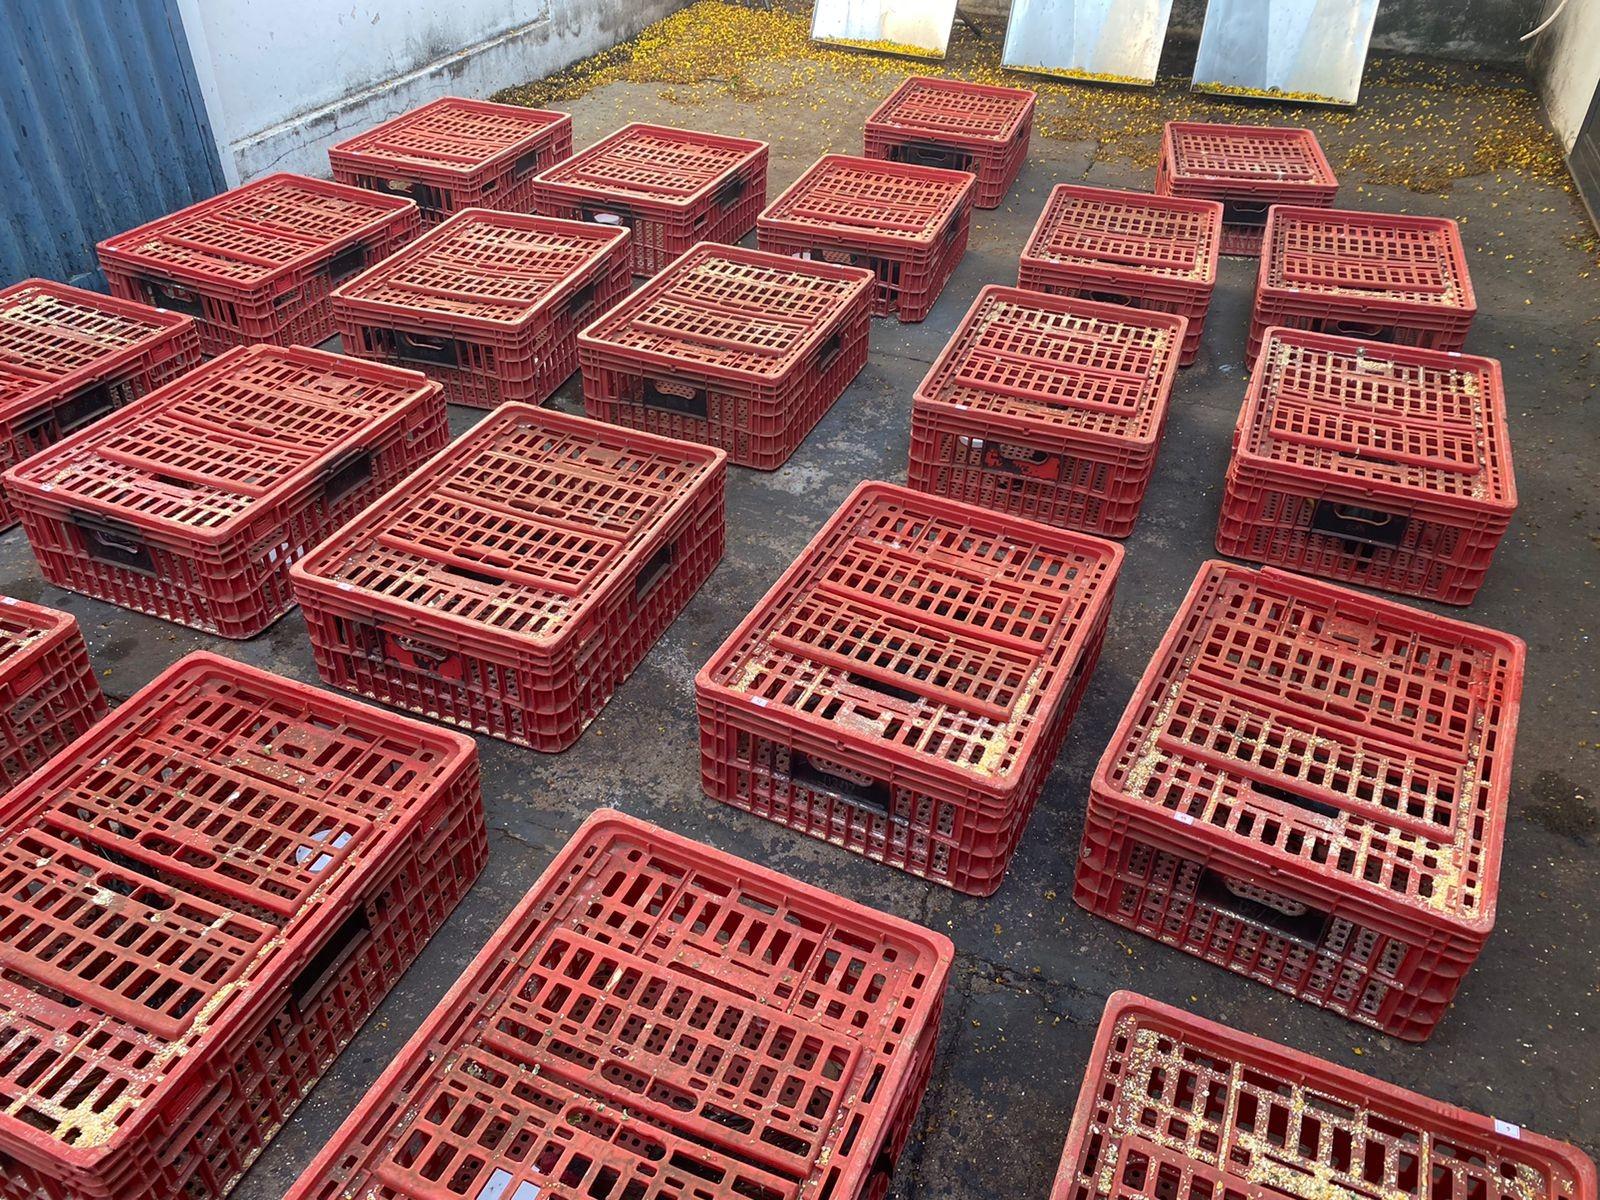 Mais de 20 galos são apreendidos em casa no Bairro Progresso em Ituiutaba; suspeita é de que eles eram usados em rinhas